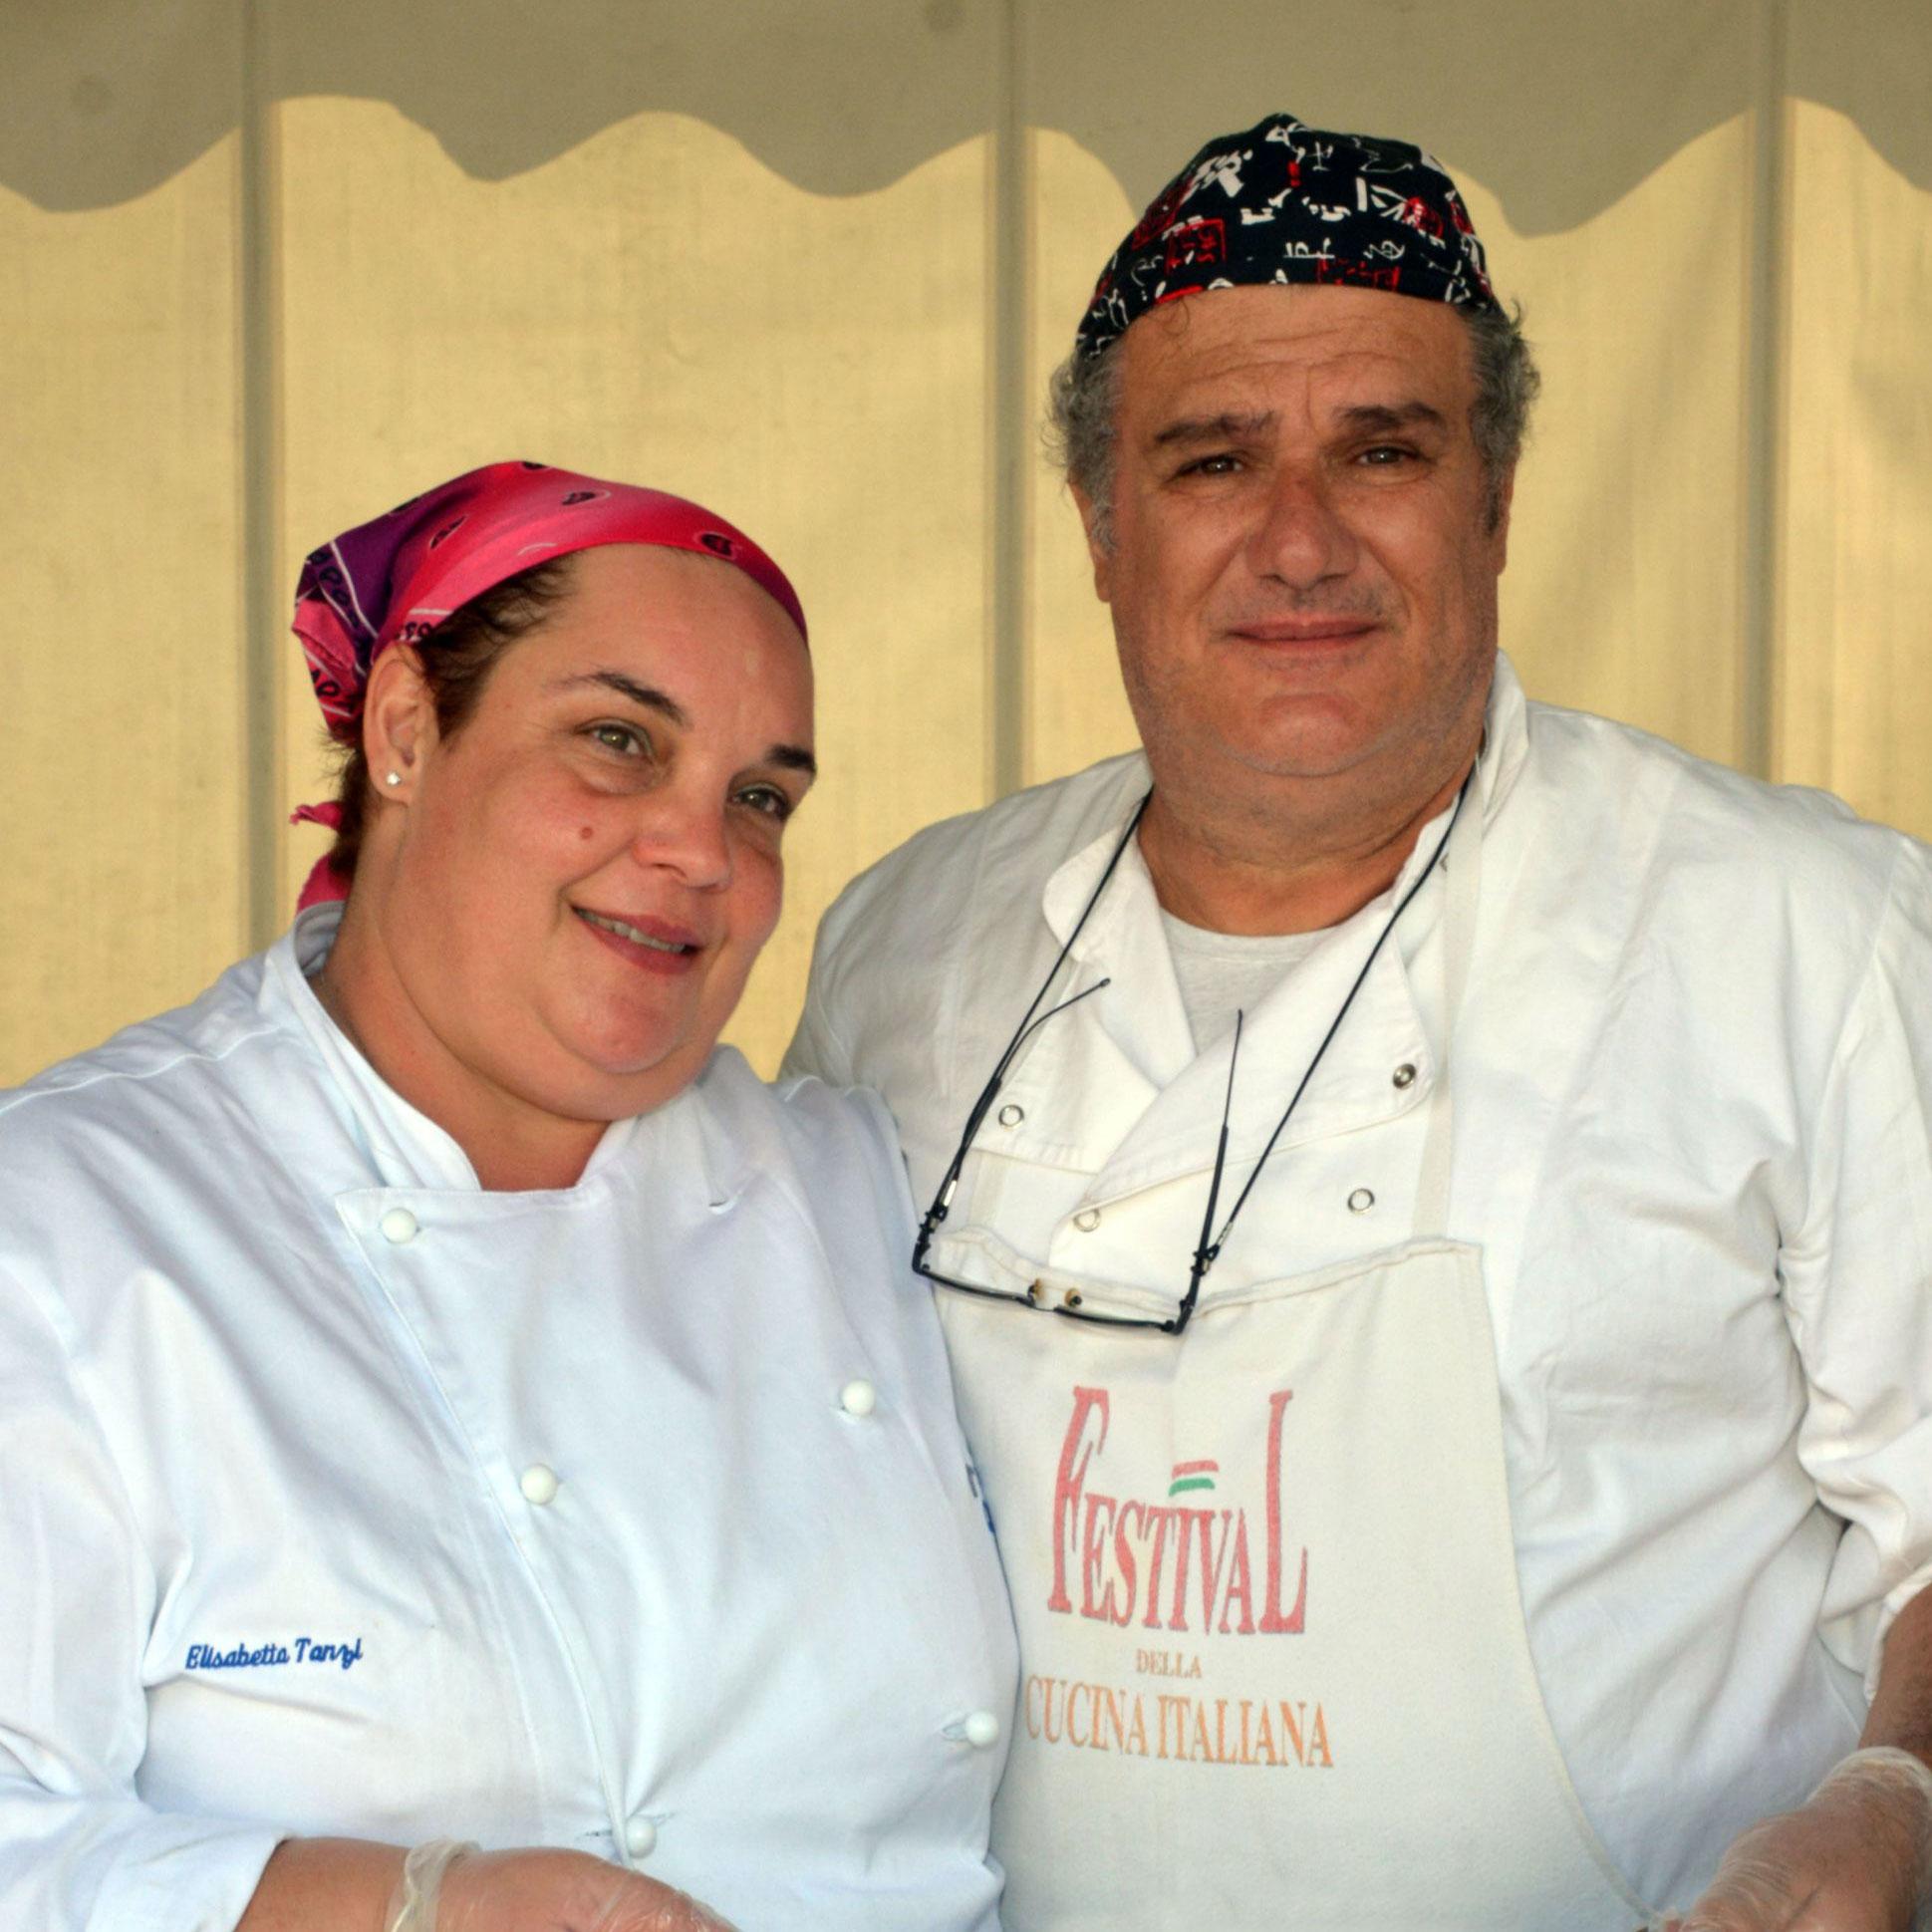 Elisabetta Tanzi & Roberto Benini